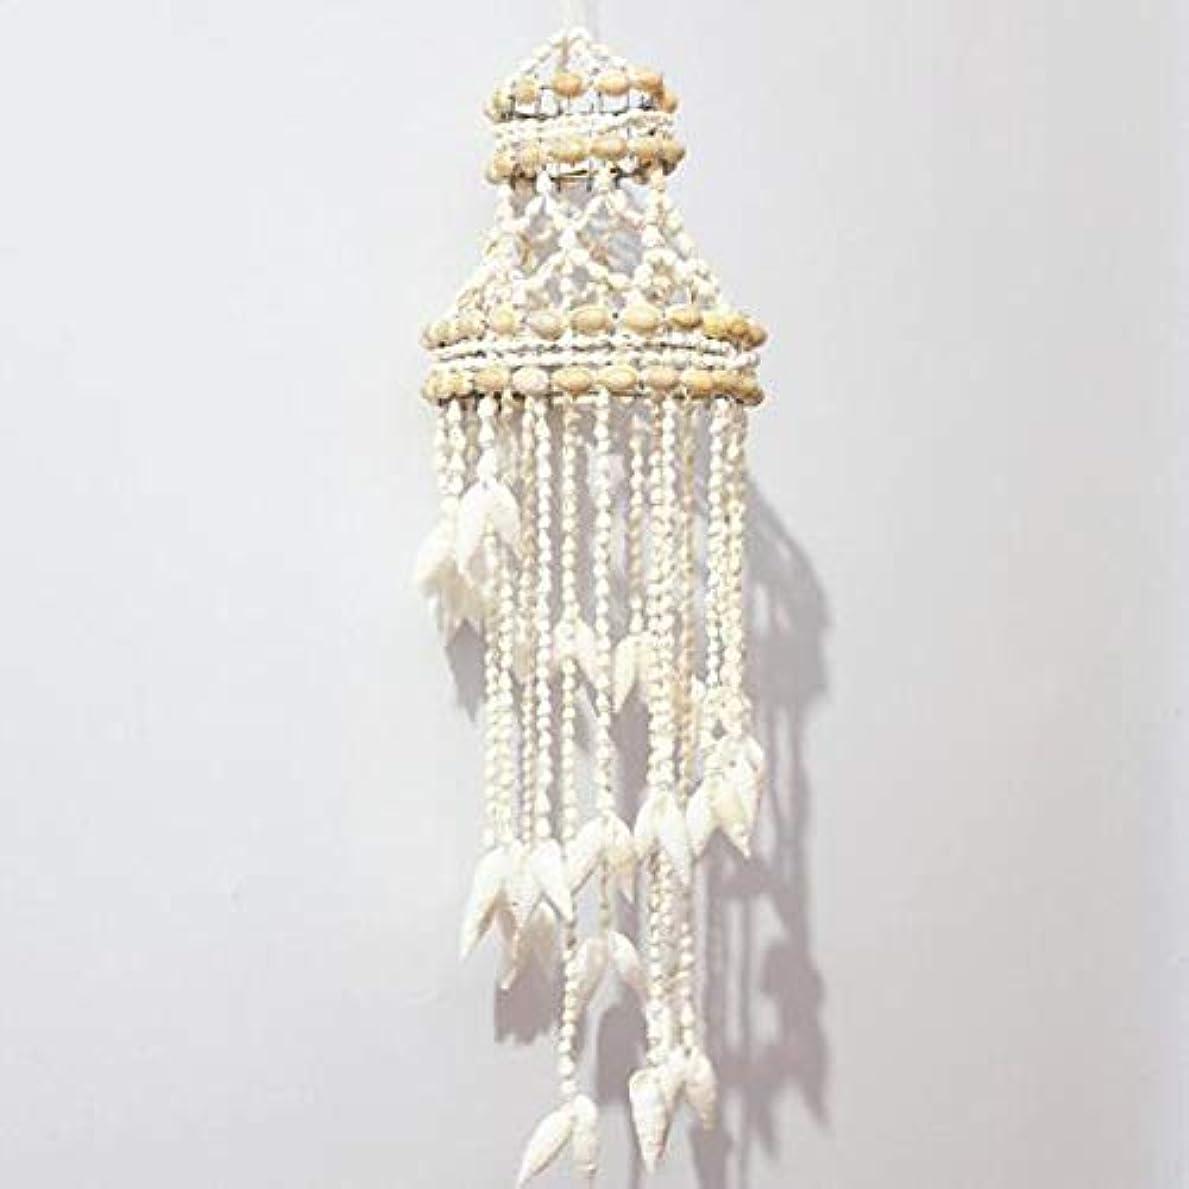 尊厳メタリックジョージハンブリーHongyushanghang 風チャイム、ナチュラル手作りシェル風の鐘、ホワイト、約長さ50cm,、ジュエリークリエイティブホリデーギフトを掛ける (Color : B)